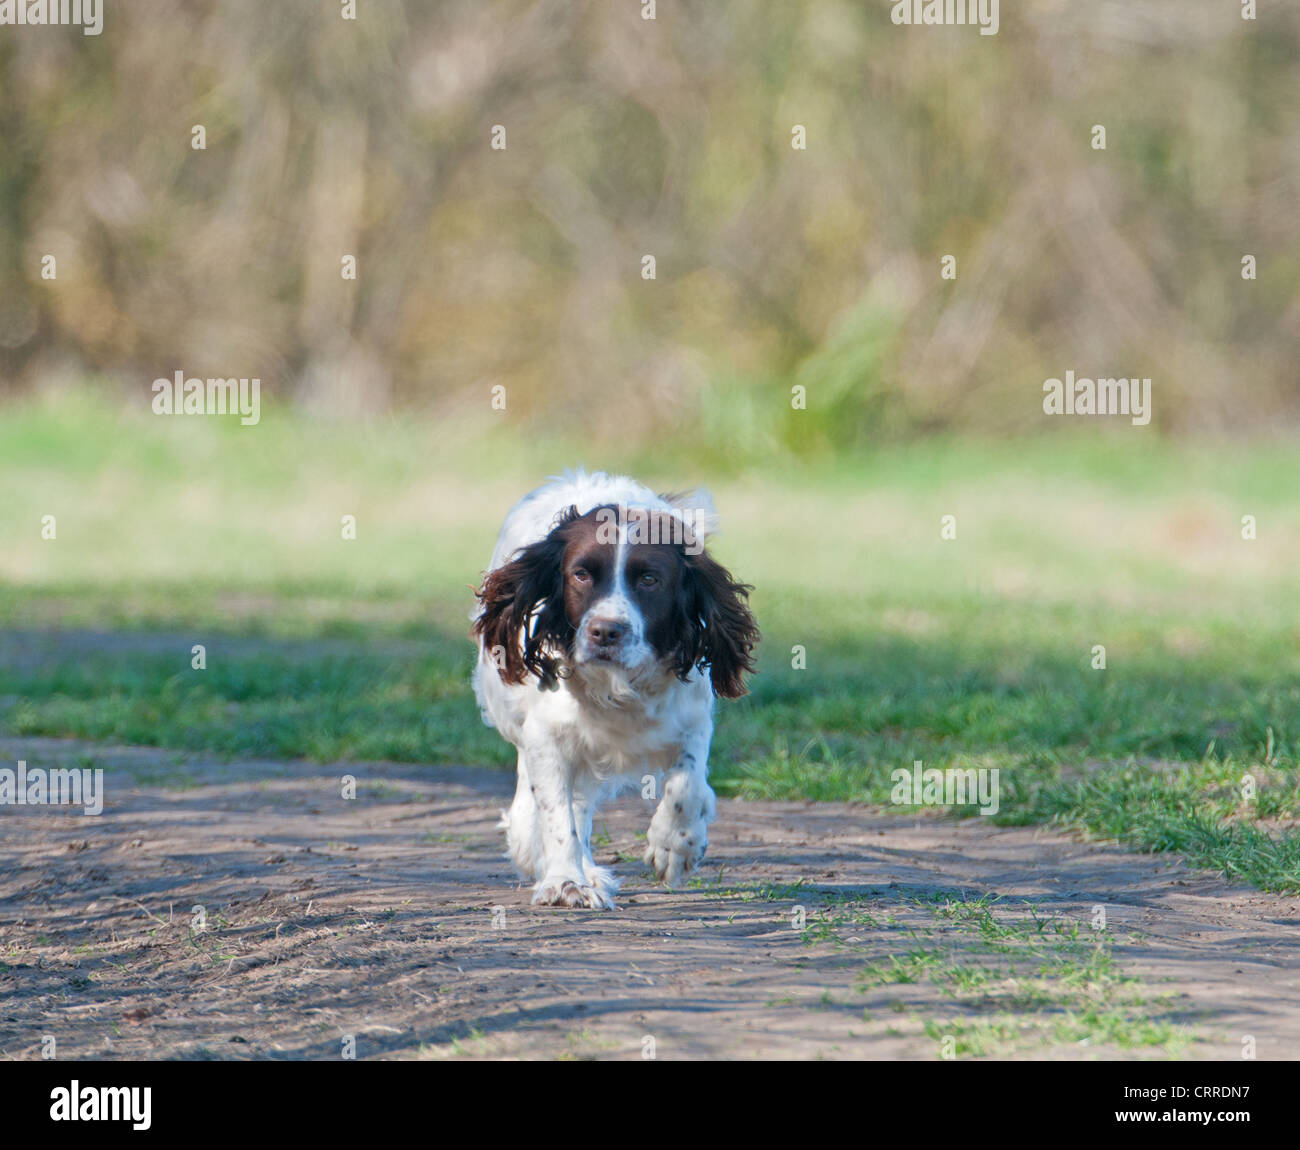 SPRINGER SPANIIEL DOG. CANIS LUPUS FAMILIARIS. - Stock Image